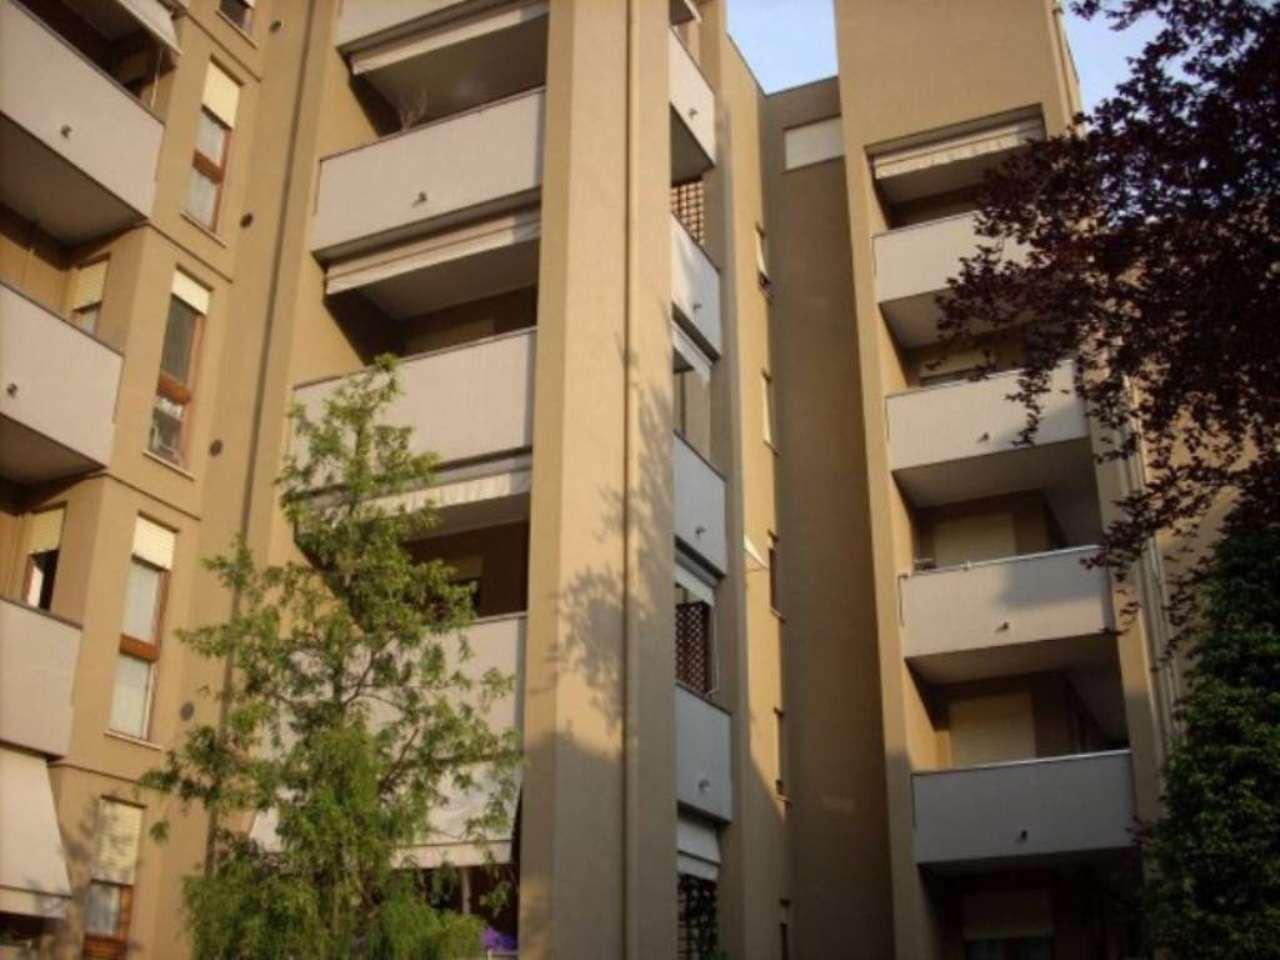 Attico / Mansarda in vendita a Legnano, 5 locali, prezzo € 350.000 | CambioCasa.it